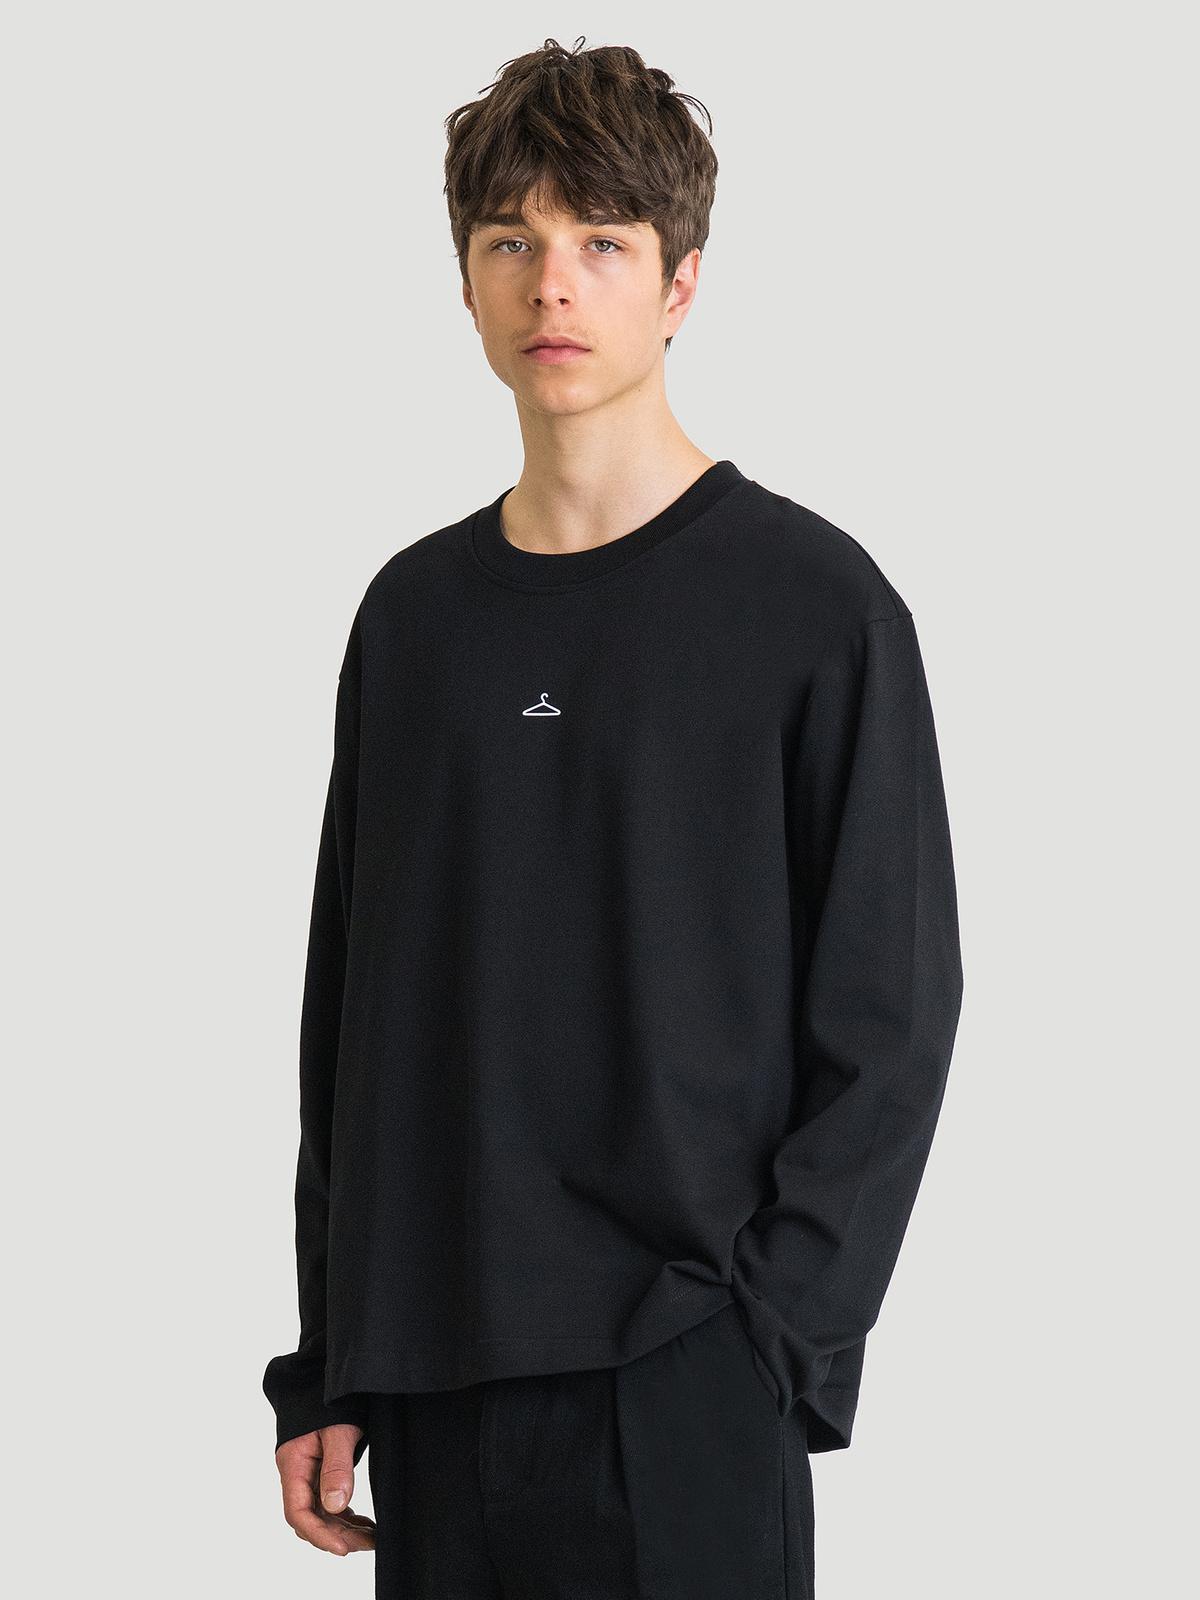 Hanger Longsleeve Black 6